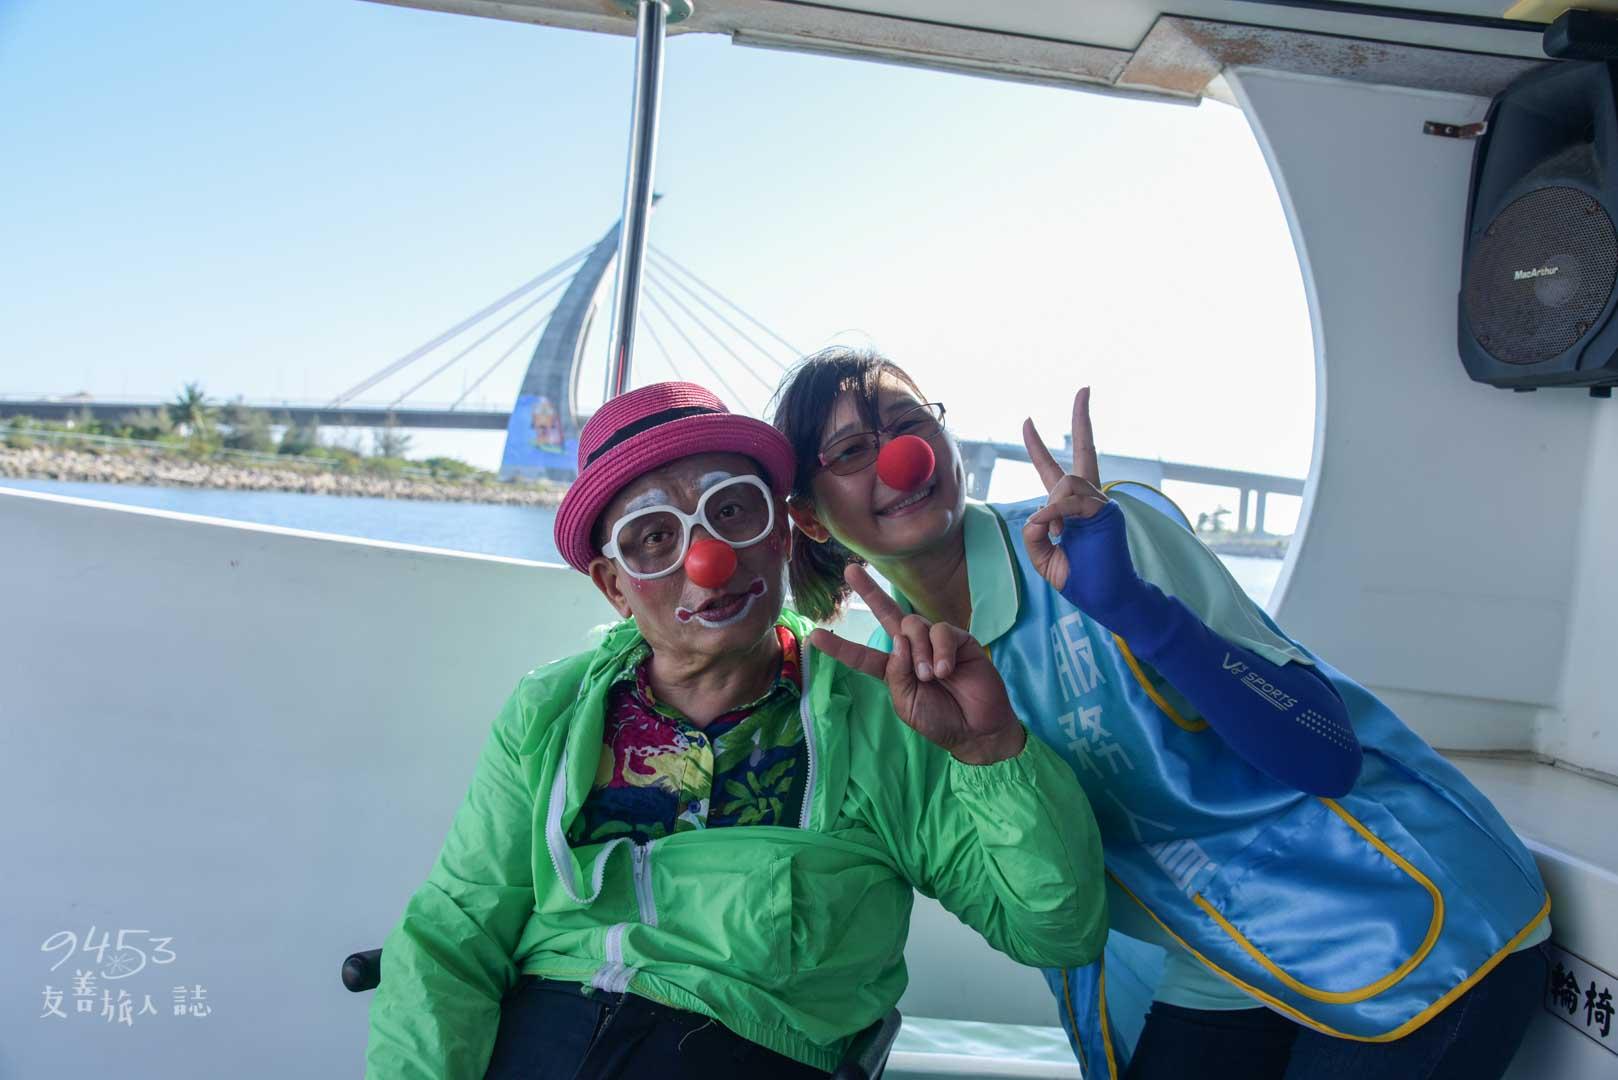 遊艇上與導覽員合照